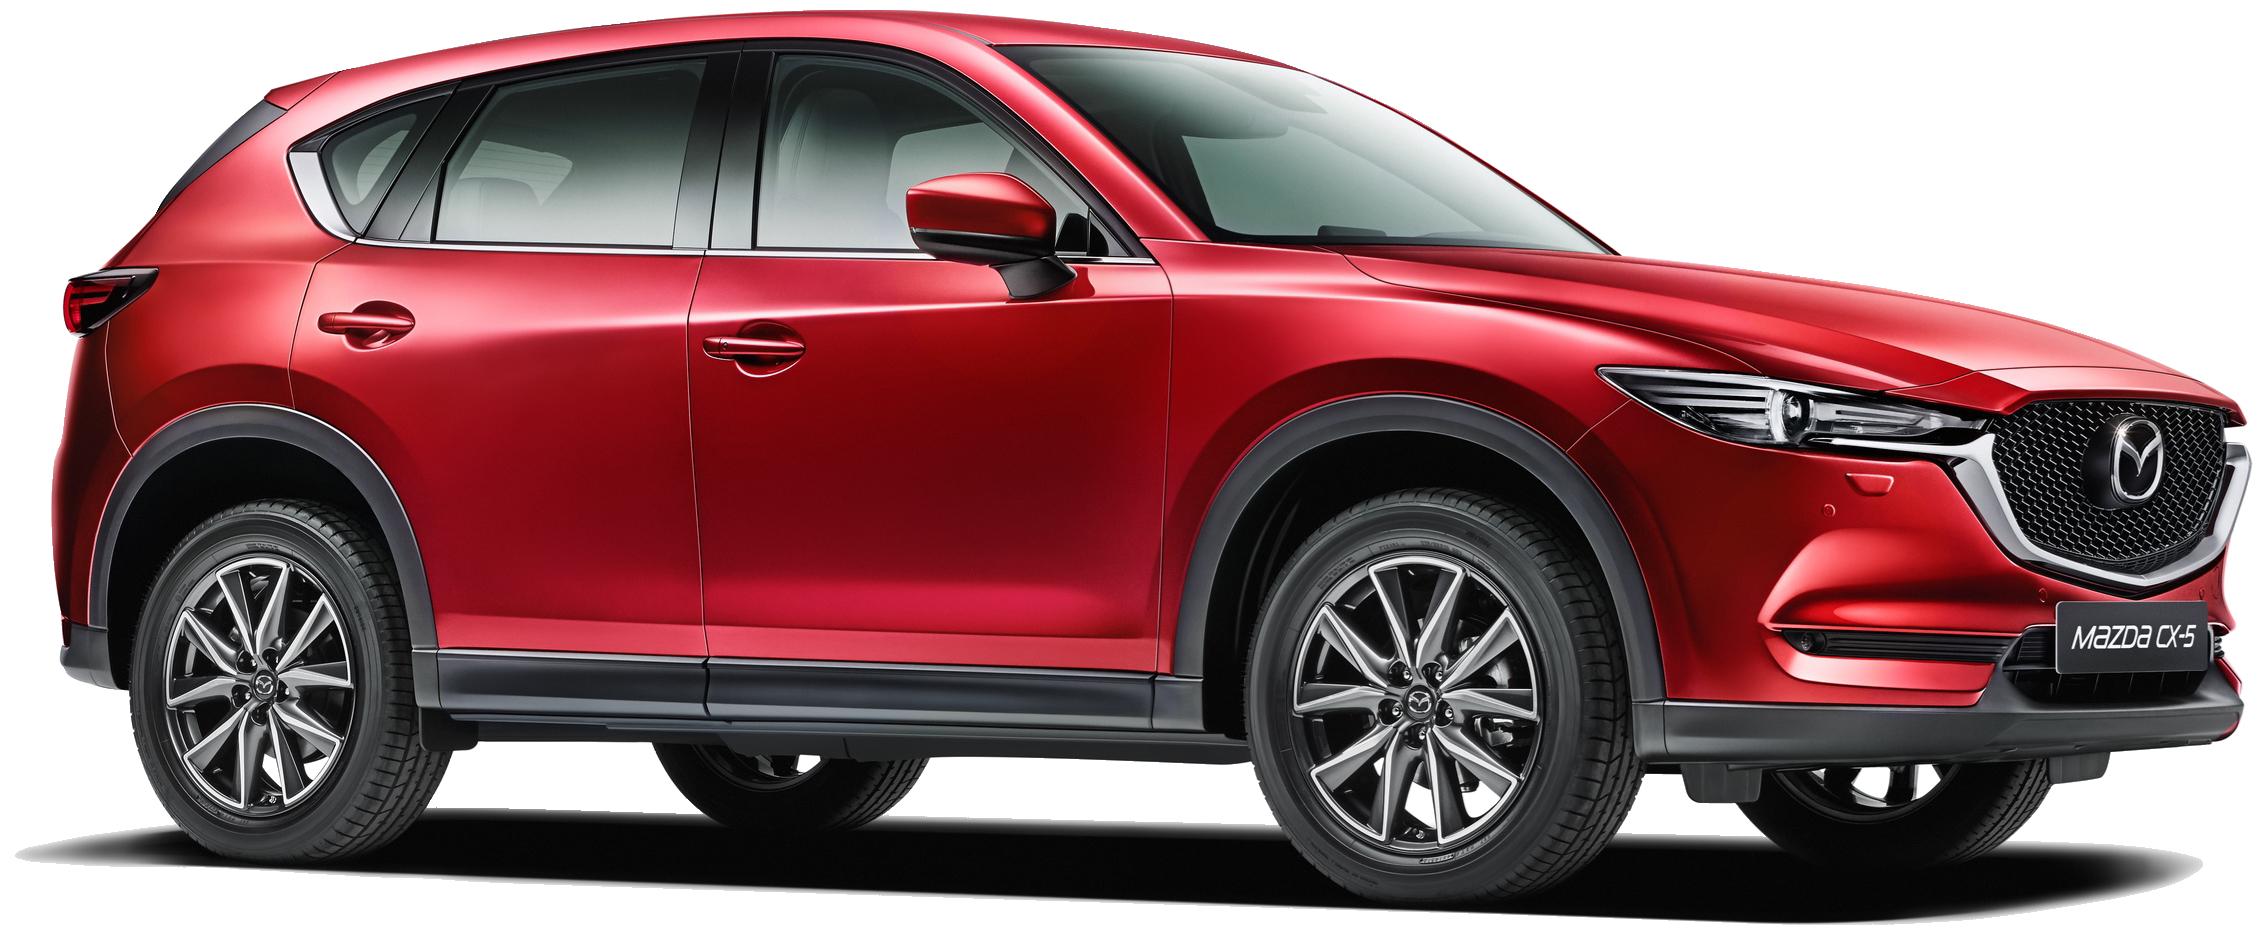 Den nye Mazda CX-5 er landet - kom ind og prøv den nu